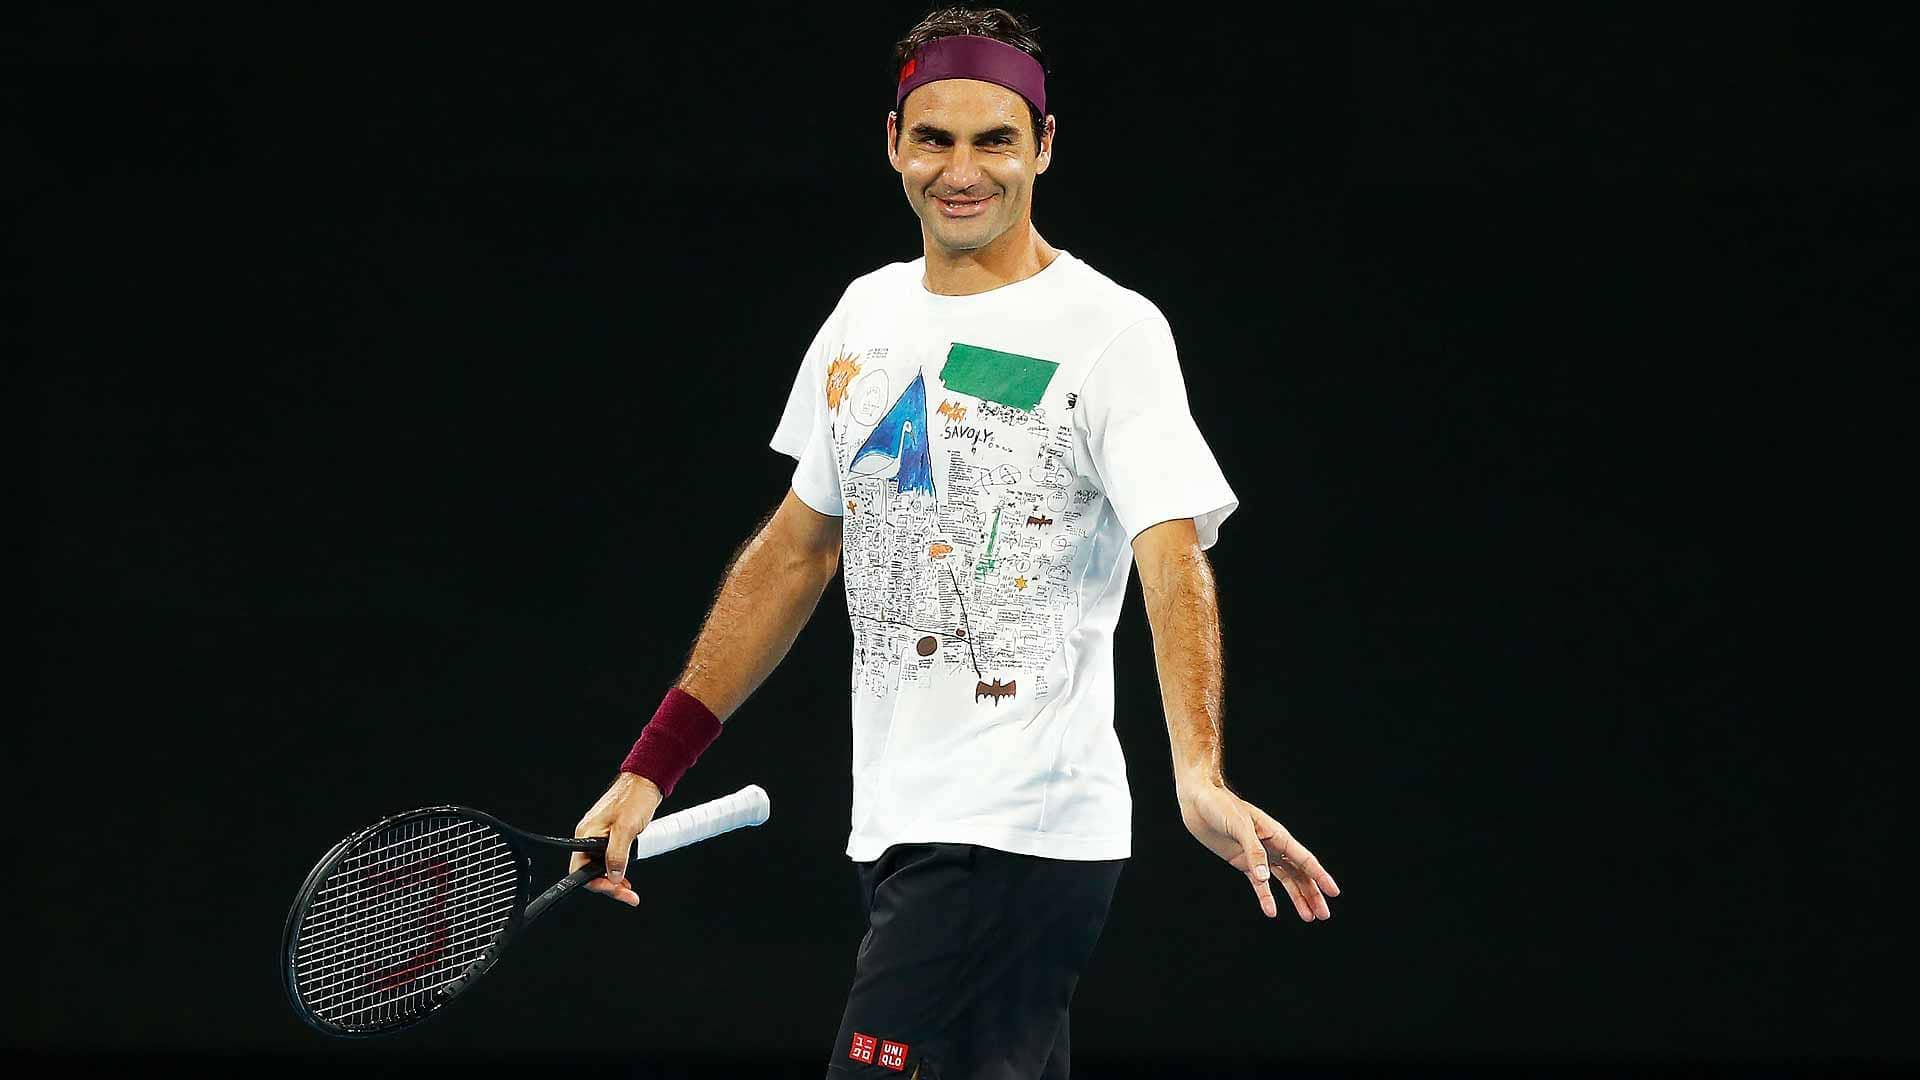 Roger Federer Novak Djokovic Begin Australian Open Runs On